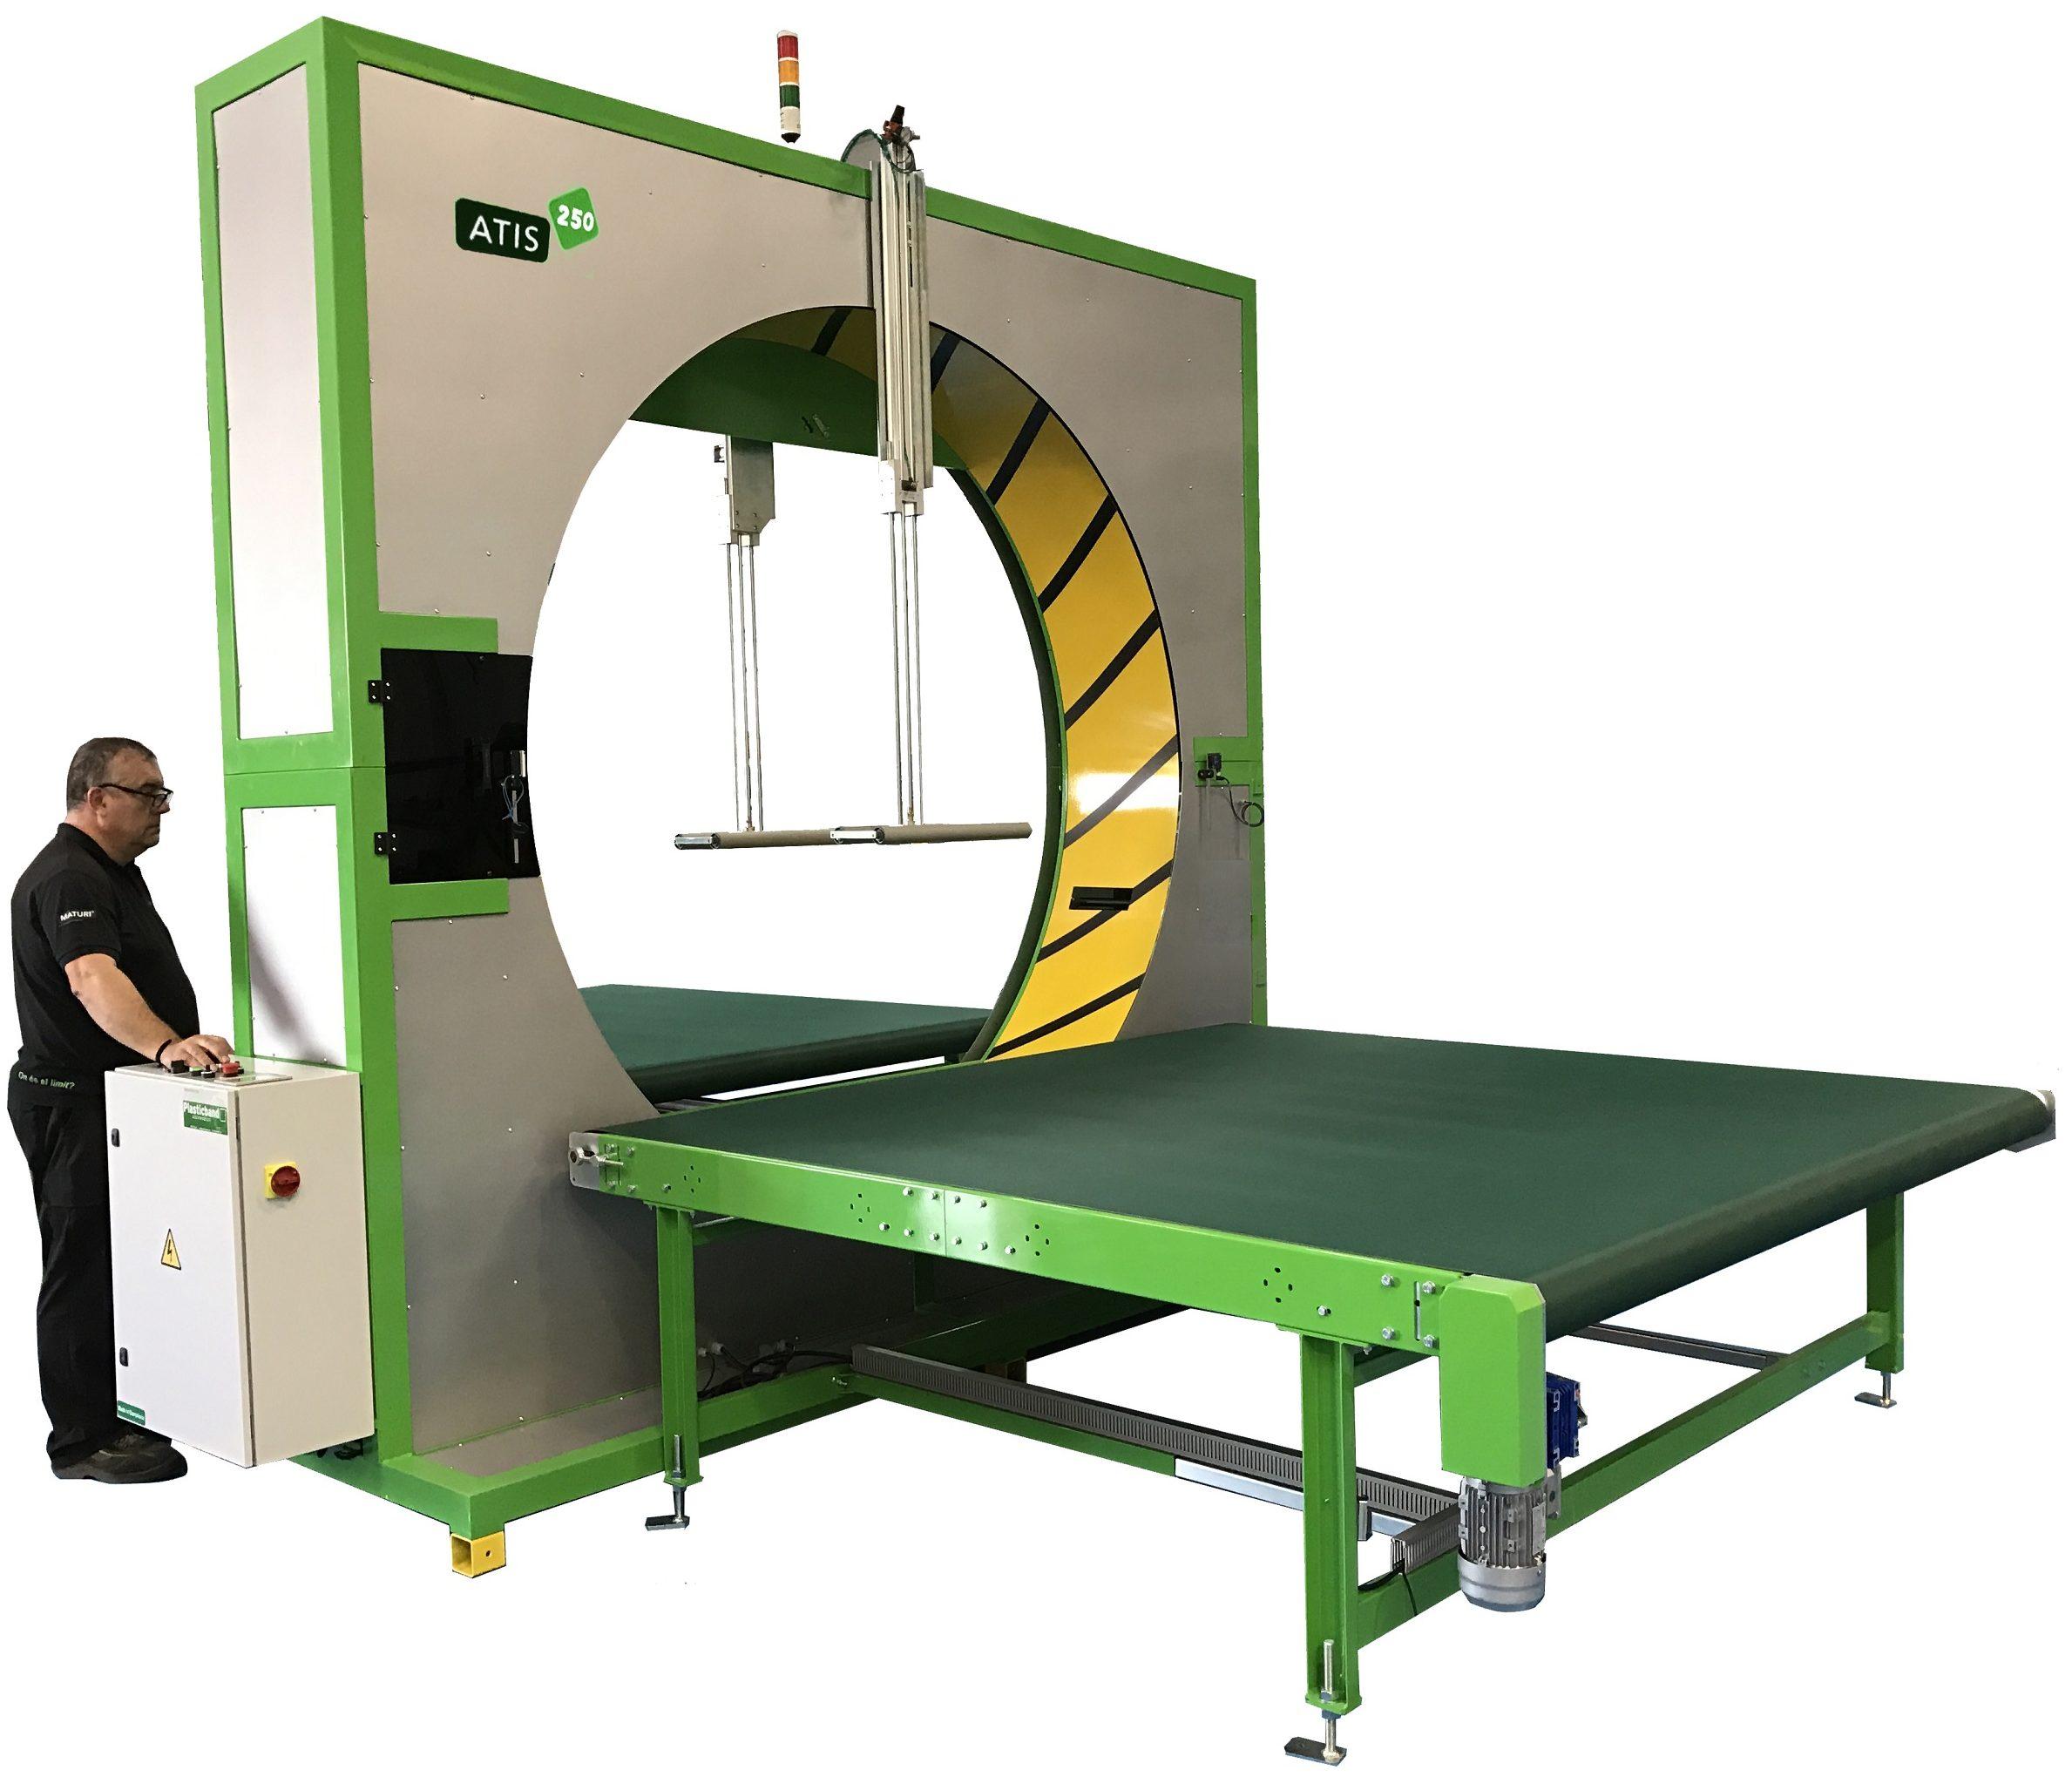 Atis 250 Spiral Wrapping Machine